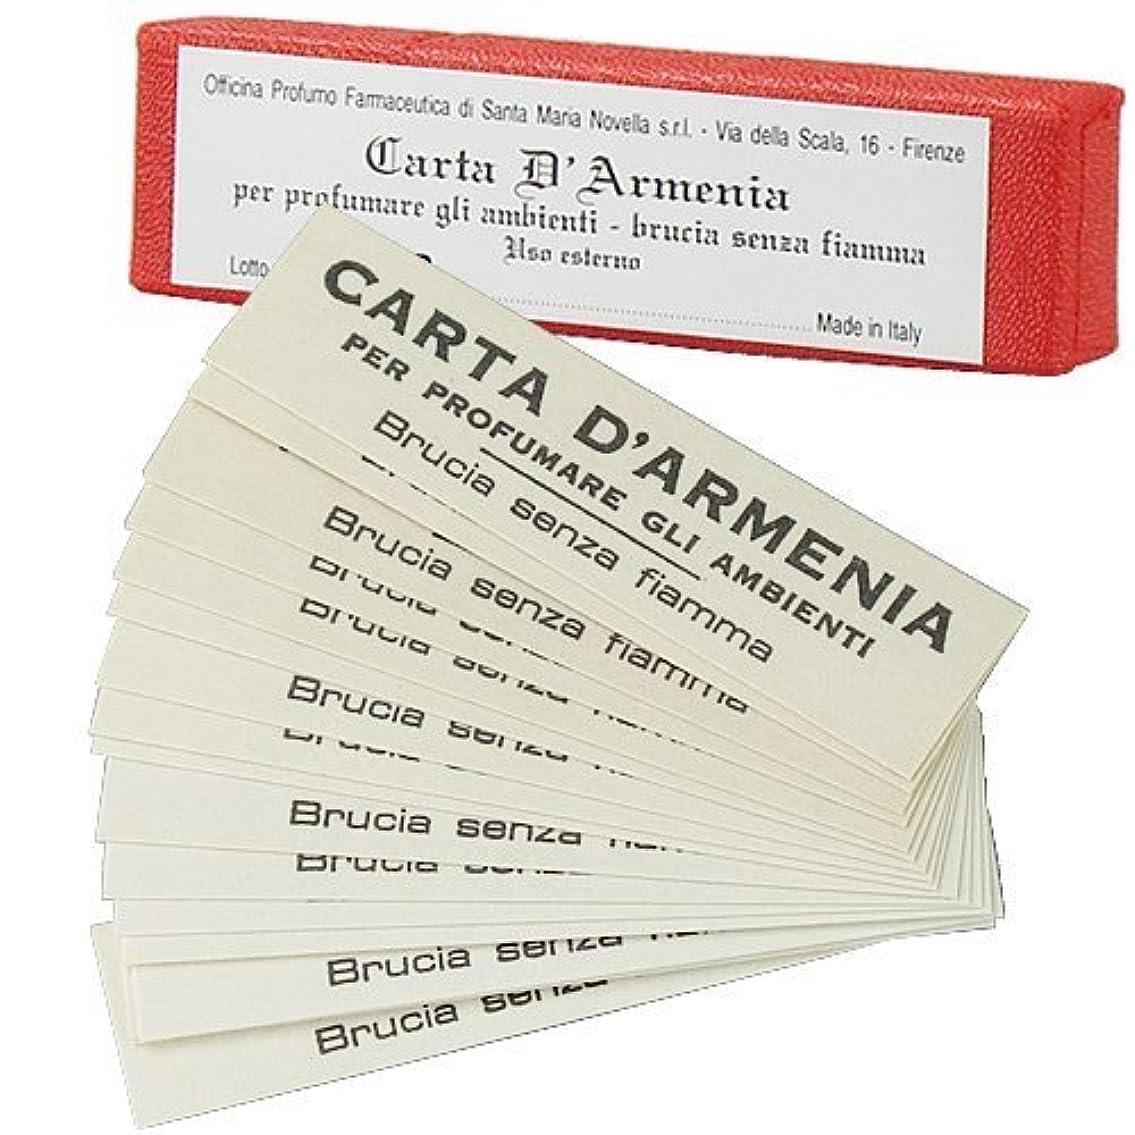 あいまい男やもめ心理的サンタマリアノヴェッラ アルメニア紙(お香) [並行輸入品] 18枚入り